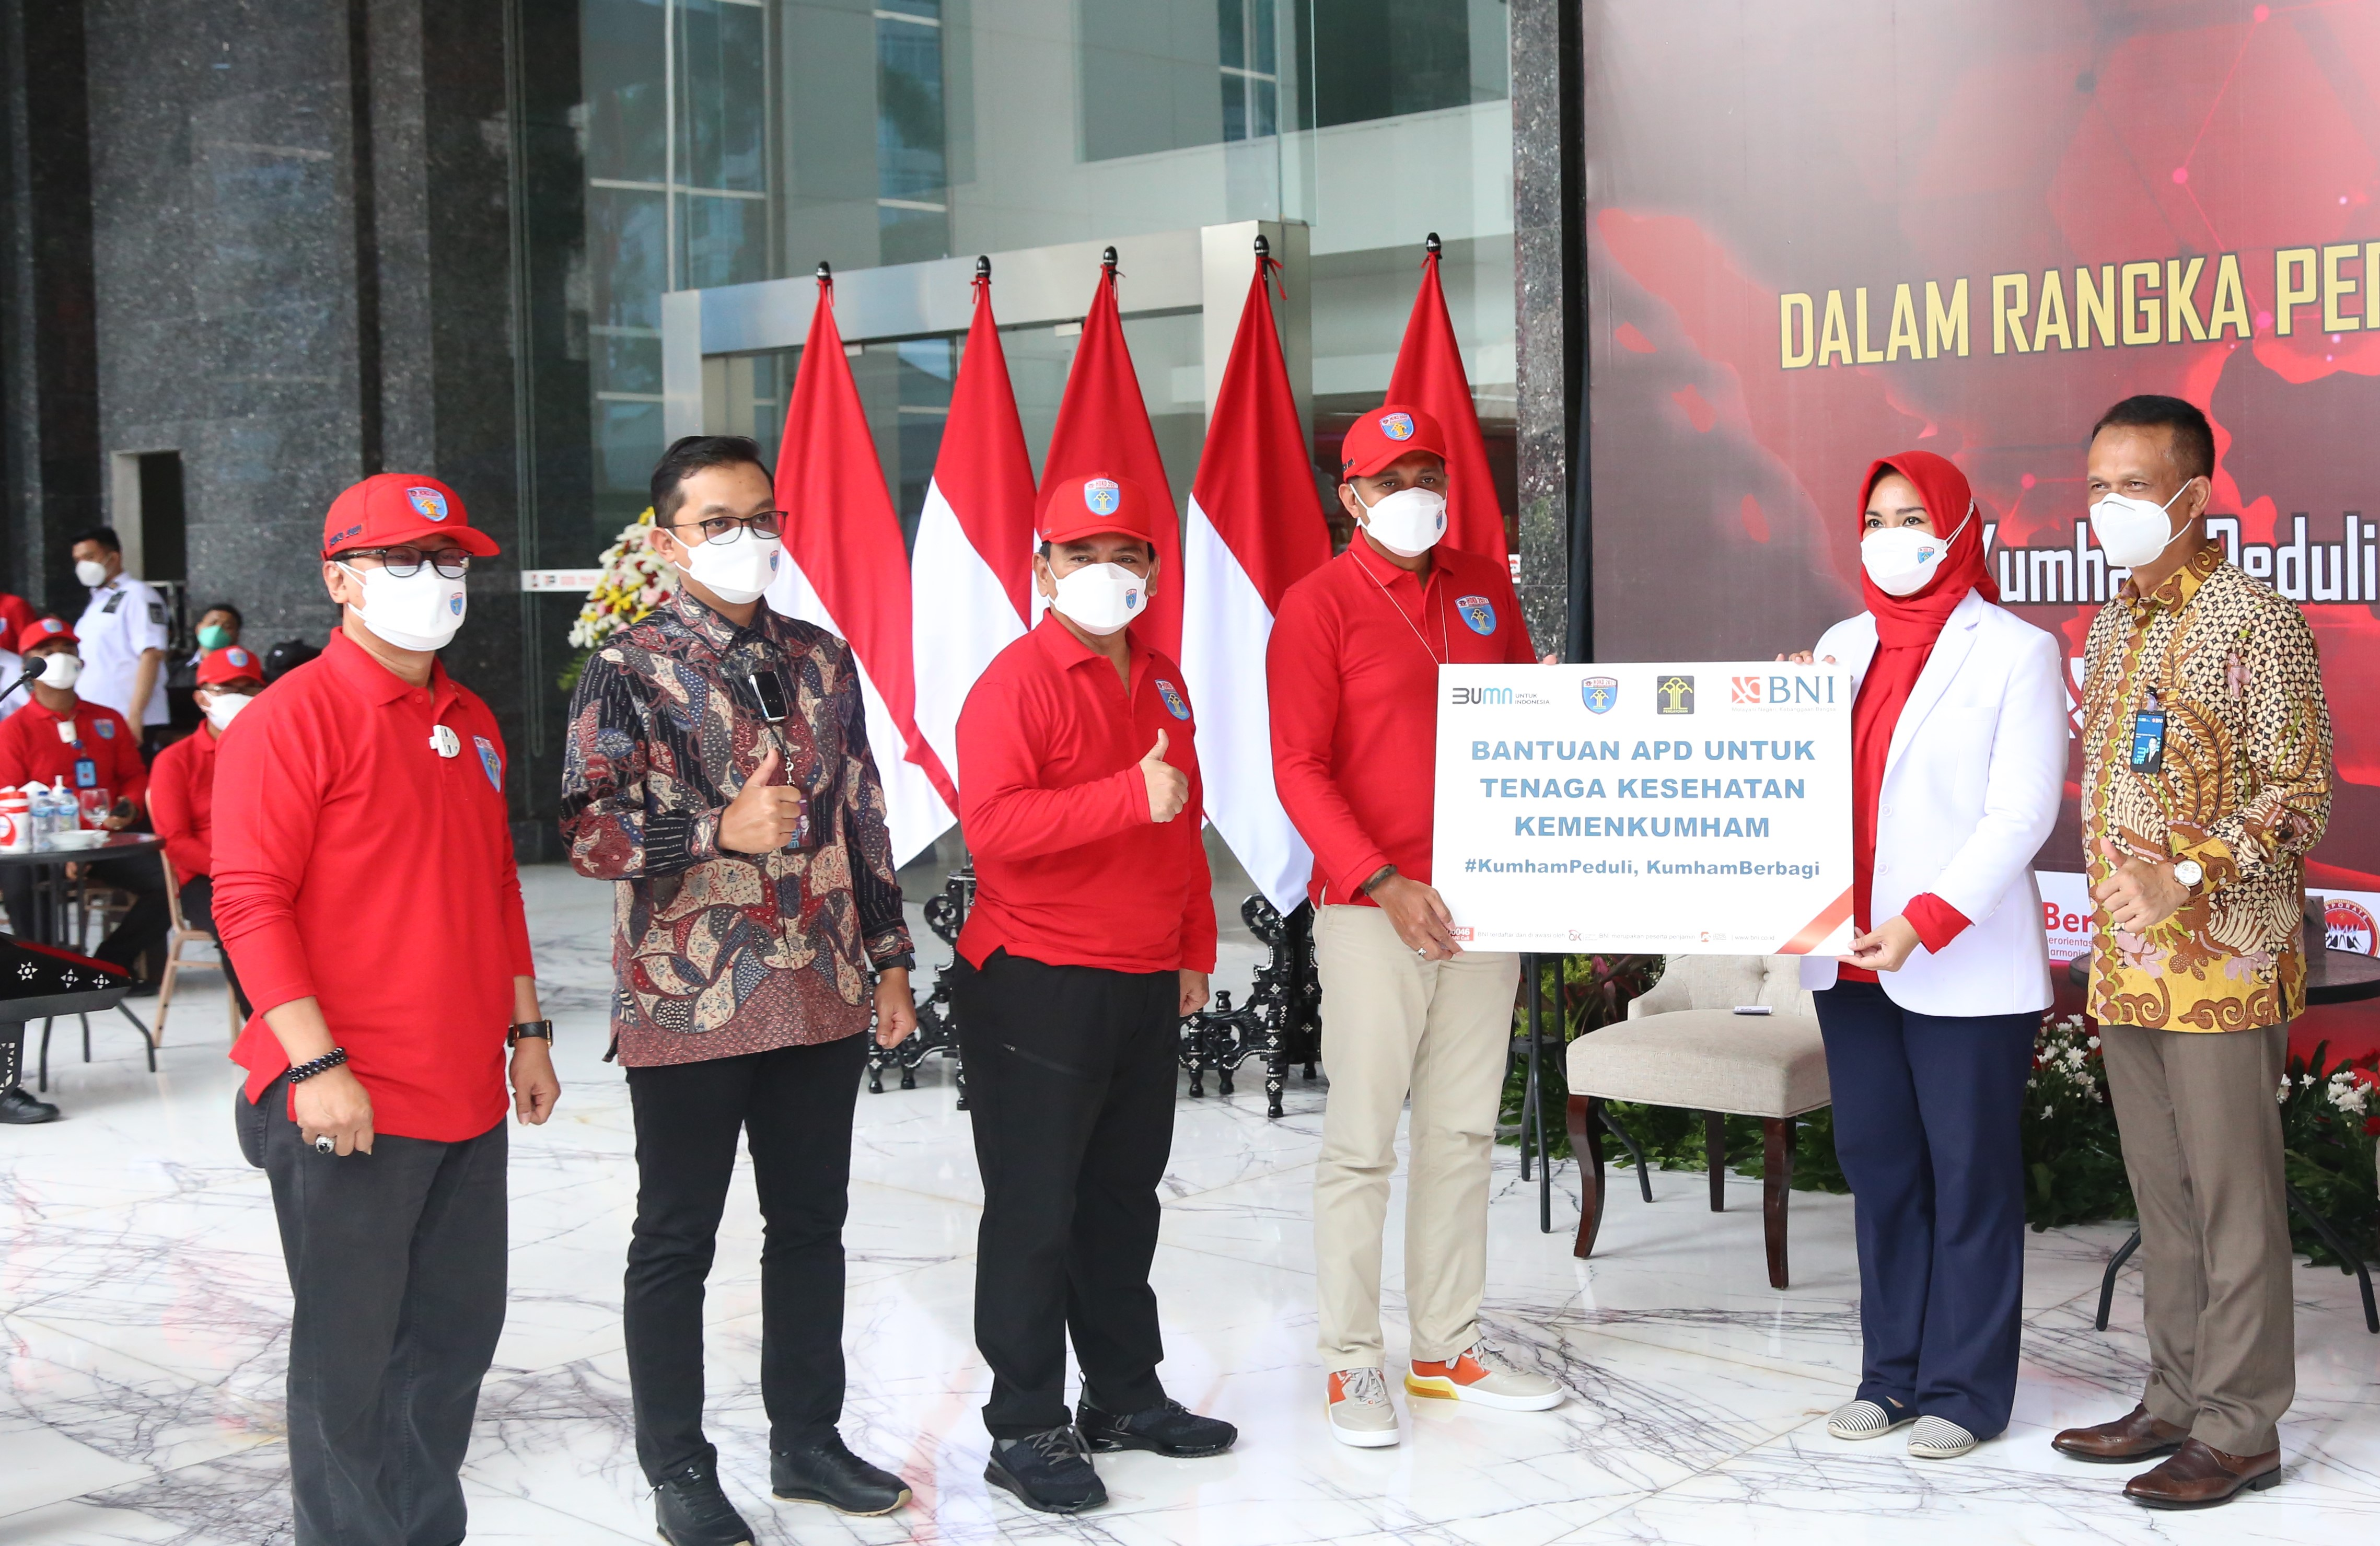 Perayaan Hari DKD, Kemenkumham Serahkan Bingkisan Kepada Pasien COVID-19</a>